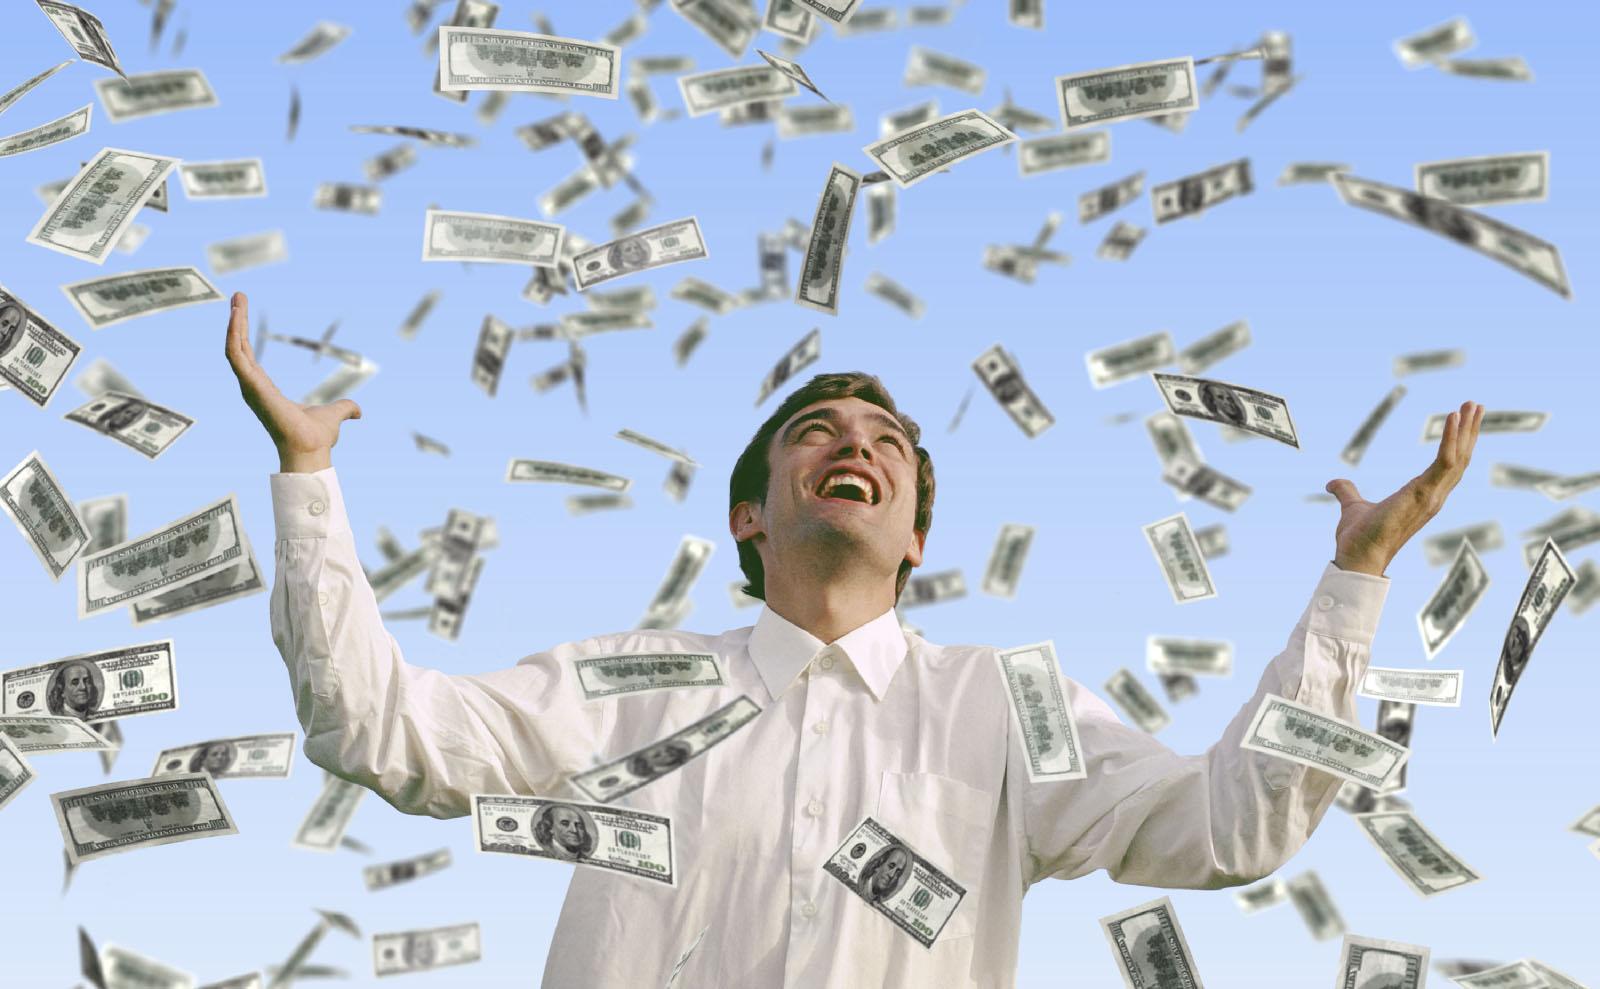 Jet.com plockar in ytterligare 500 miljoner dollar